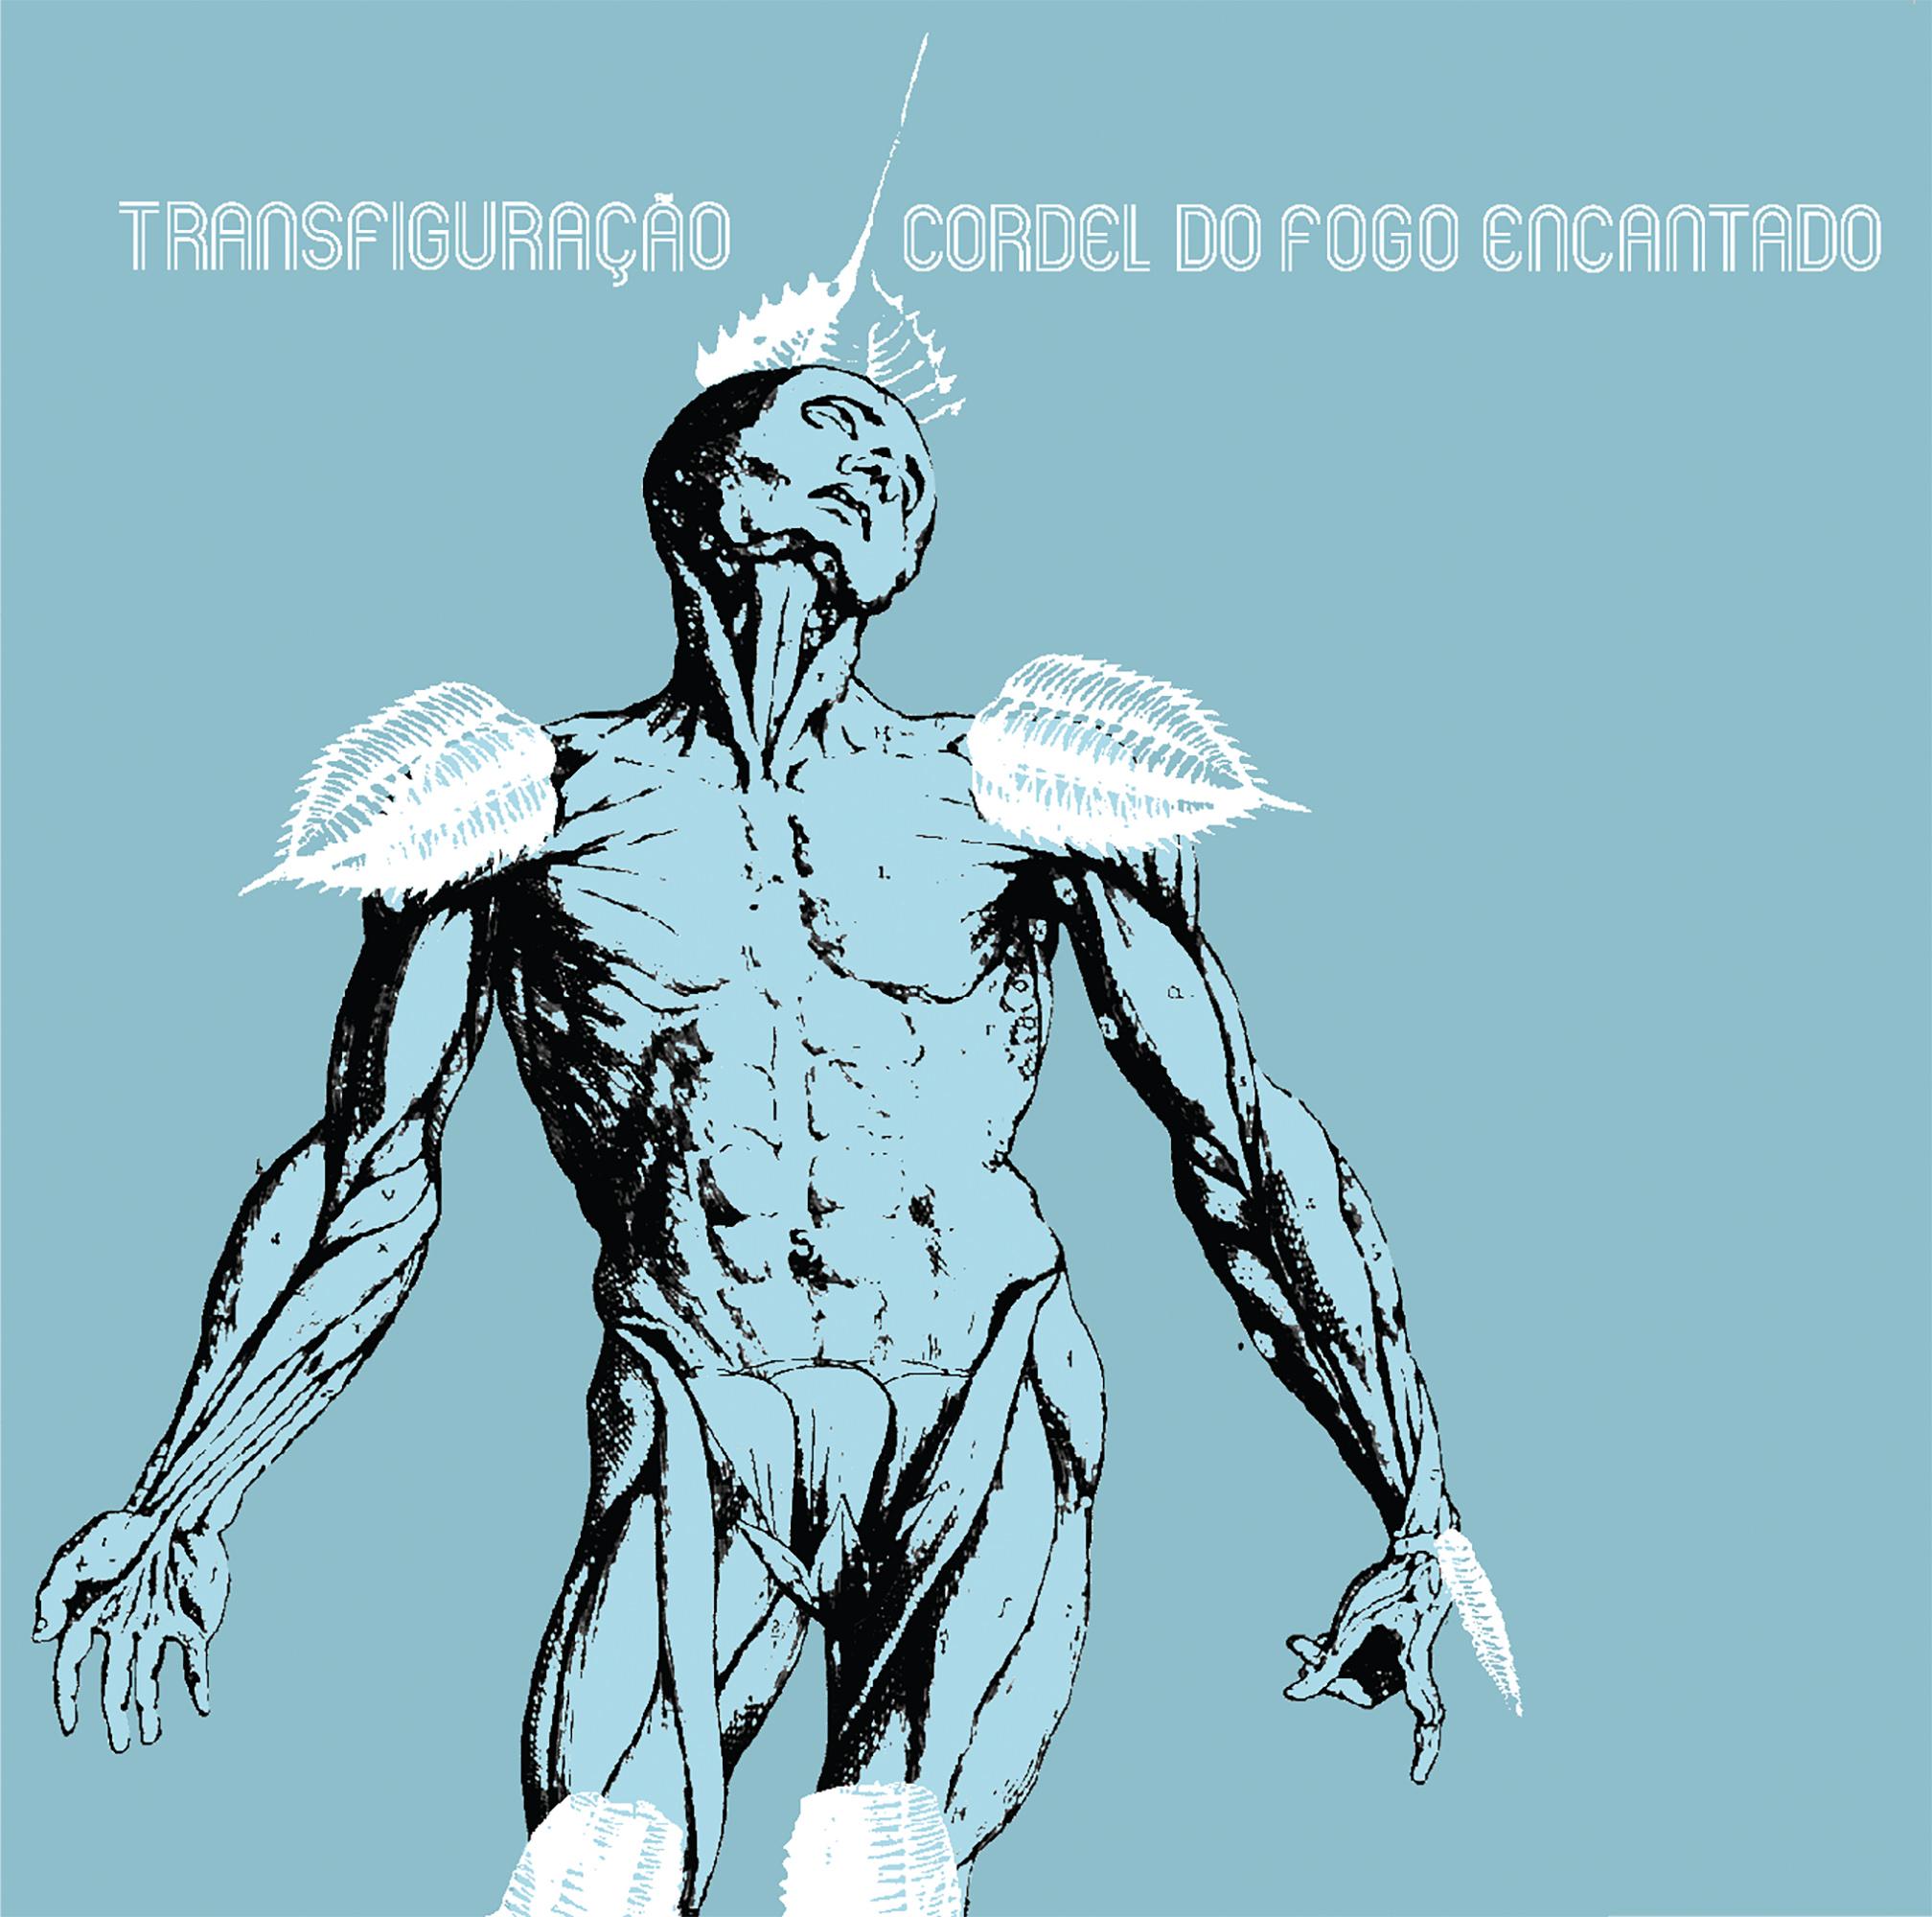 Capa do álbum Transfiguração